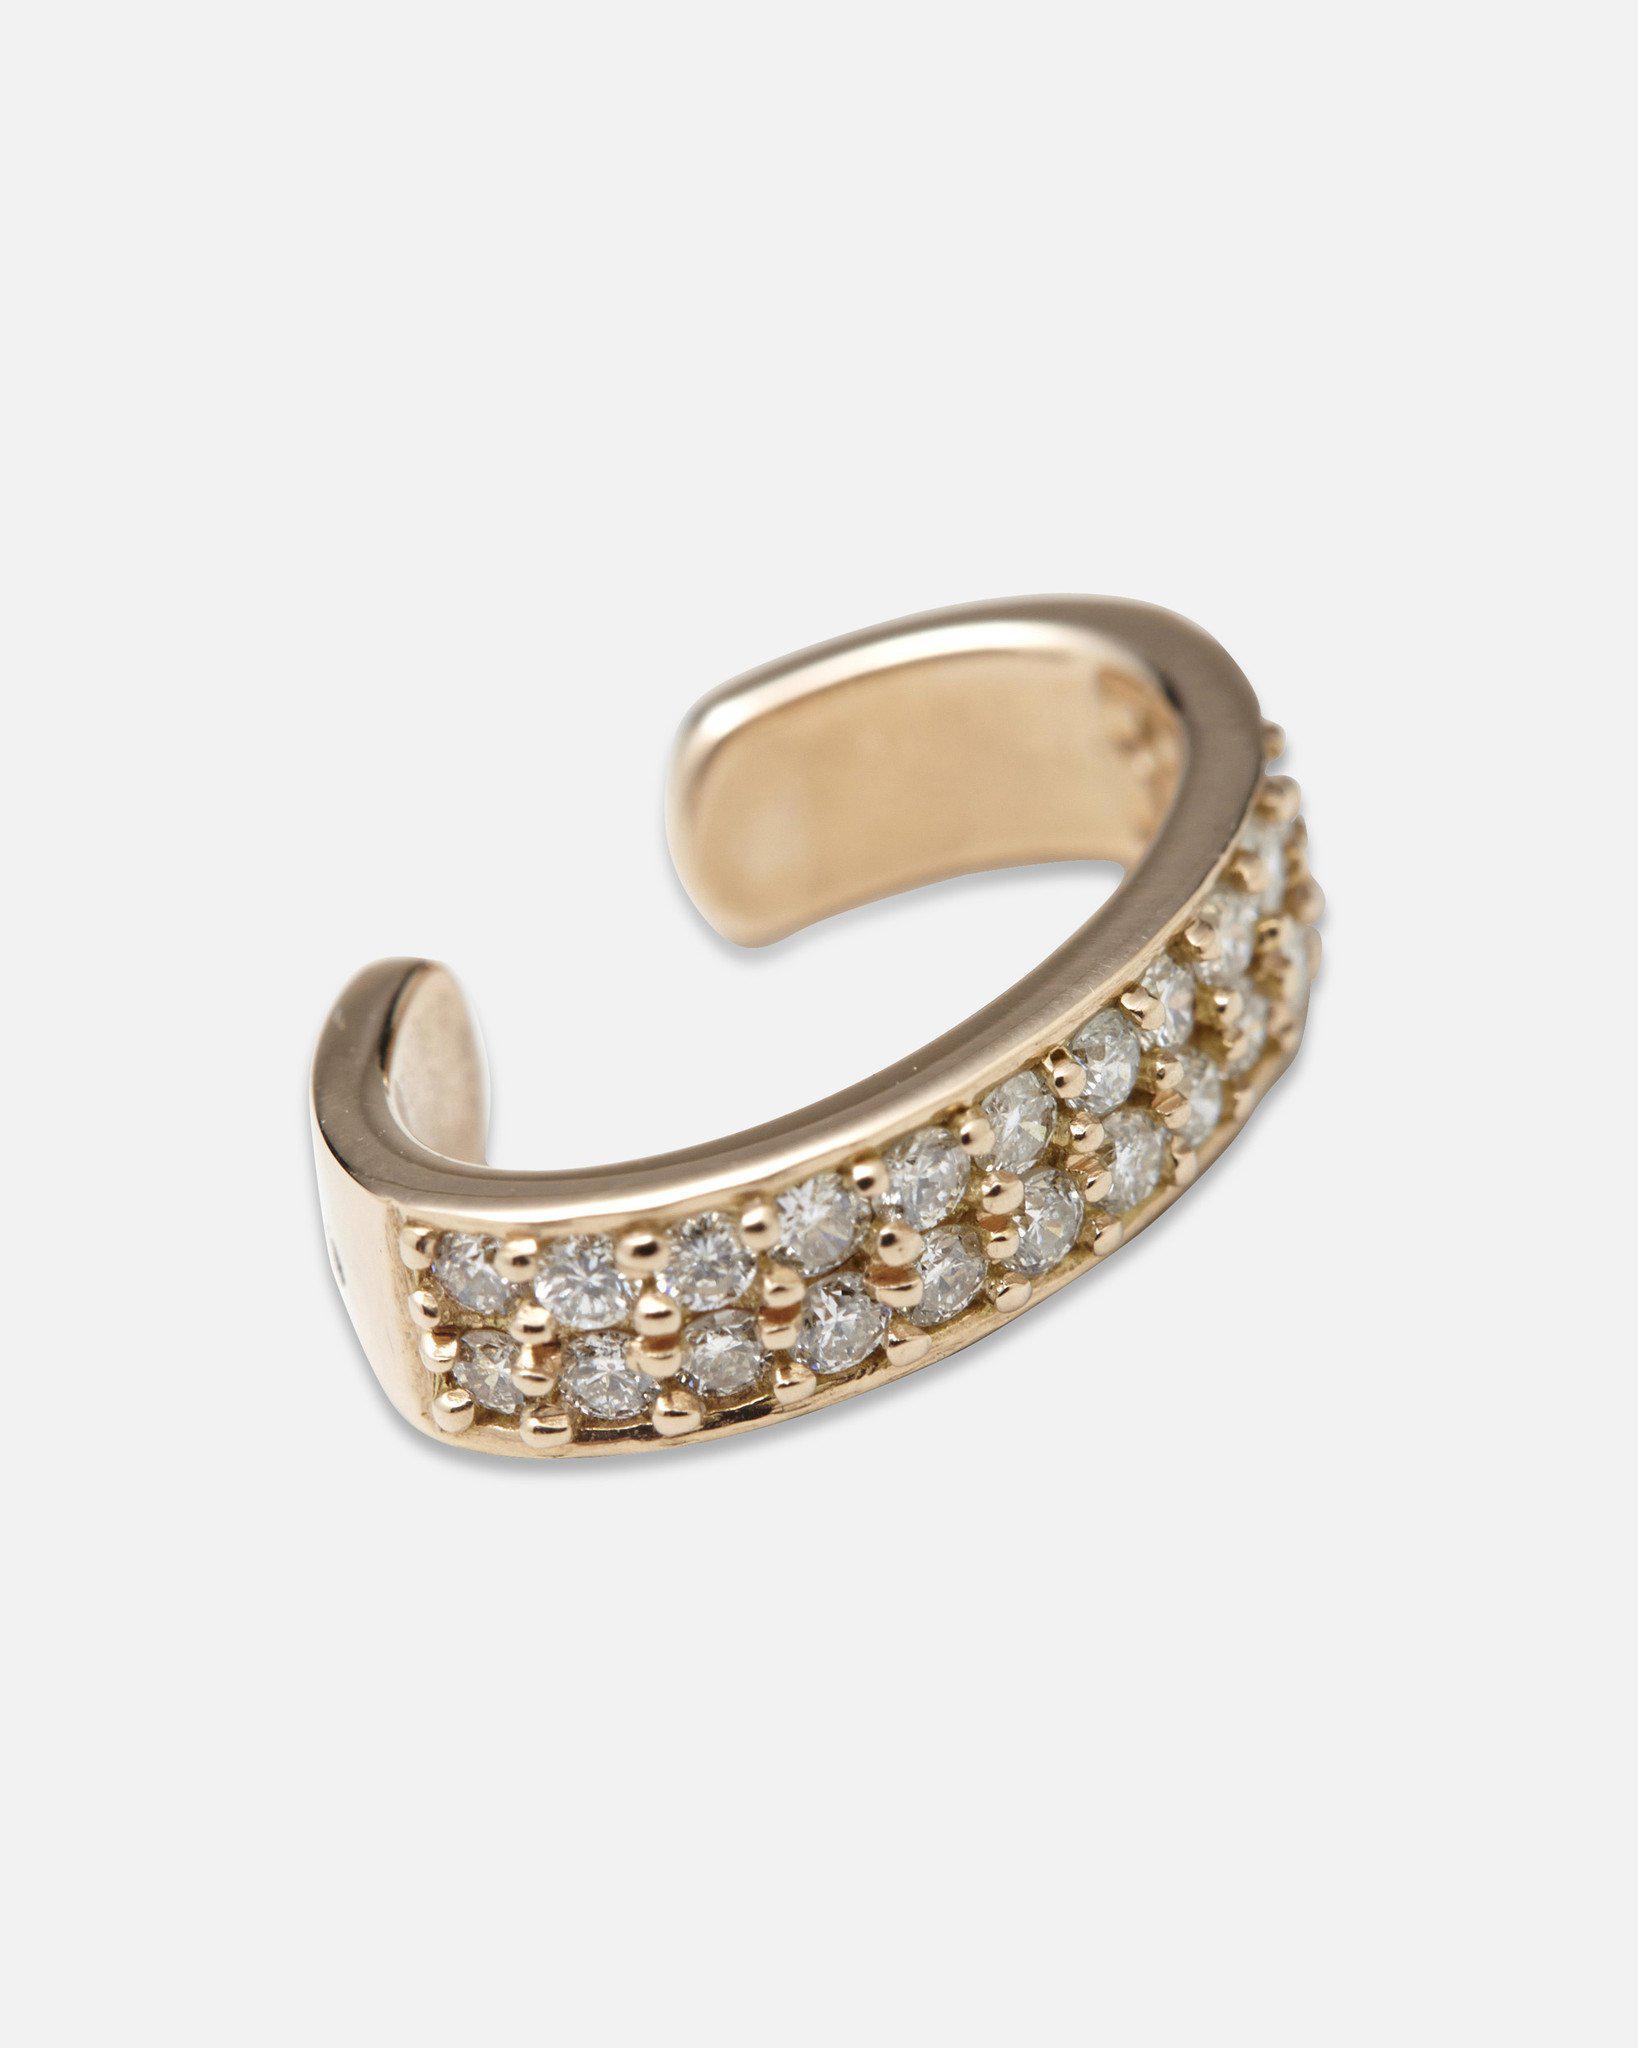 40b164688 Anita Ko Double Row Diamond Ear Cuff in Metallic - Lyst